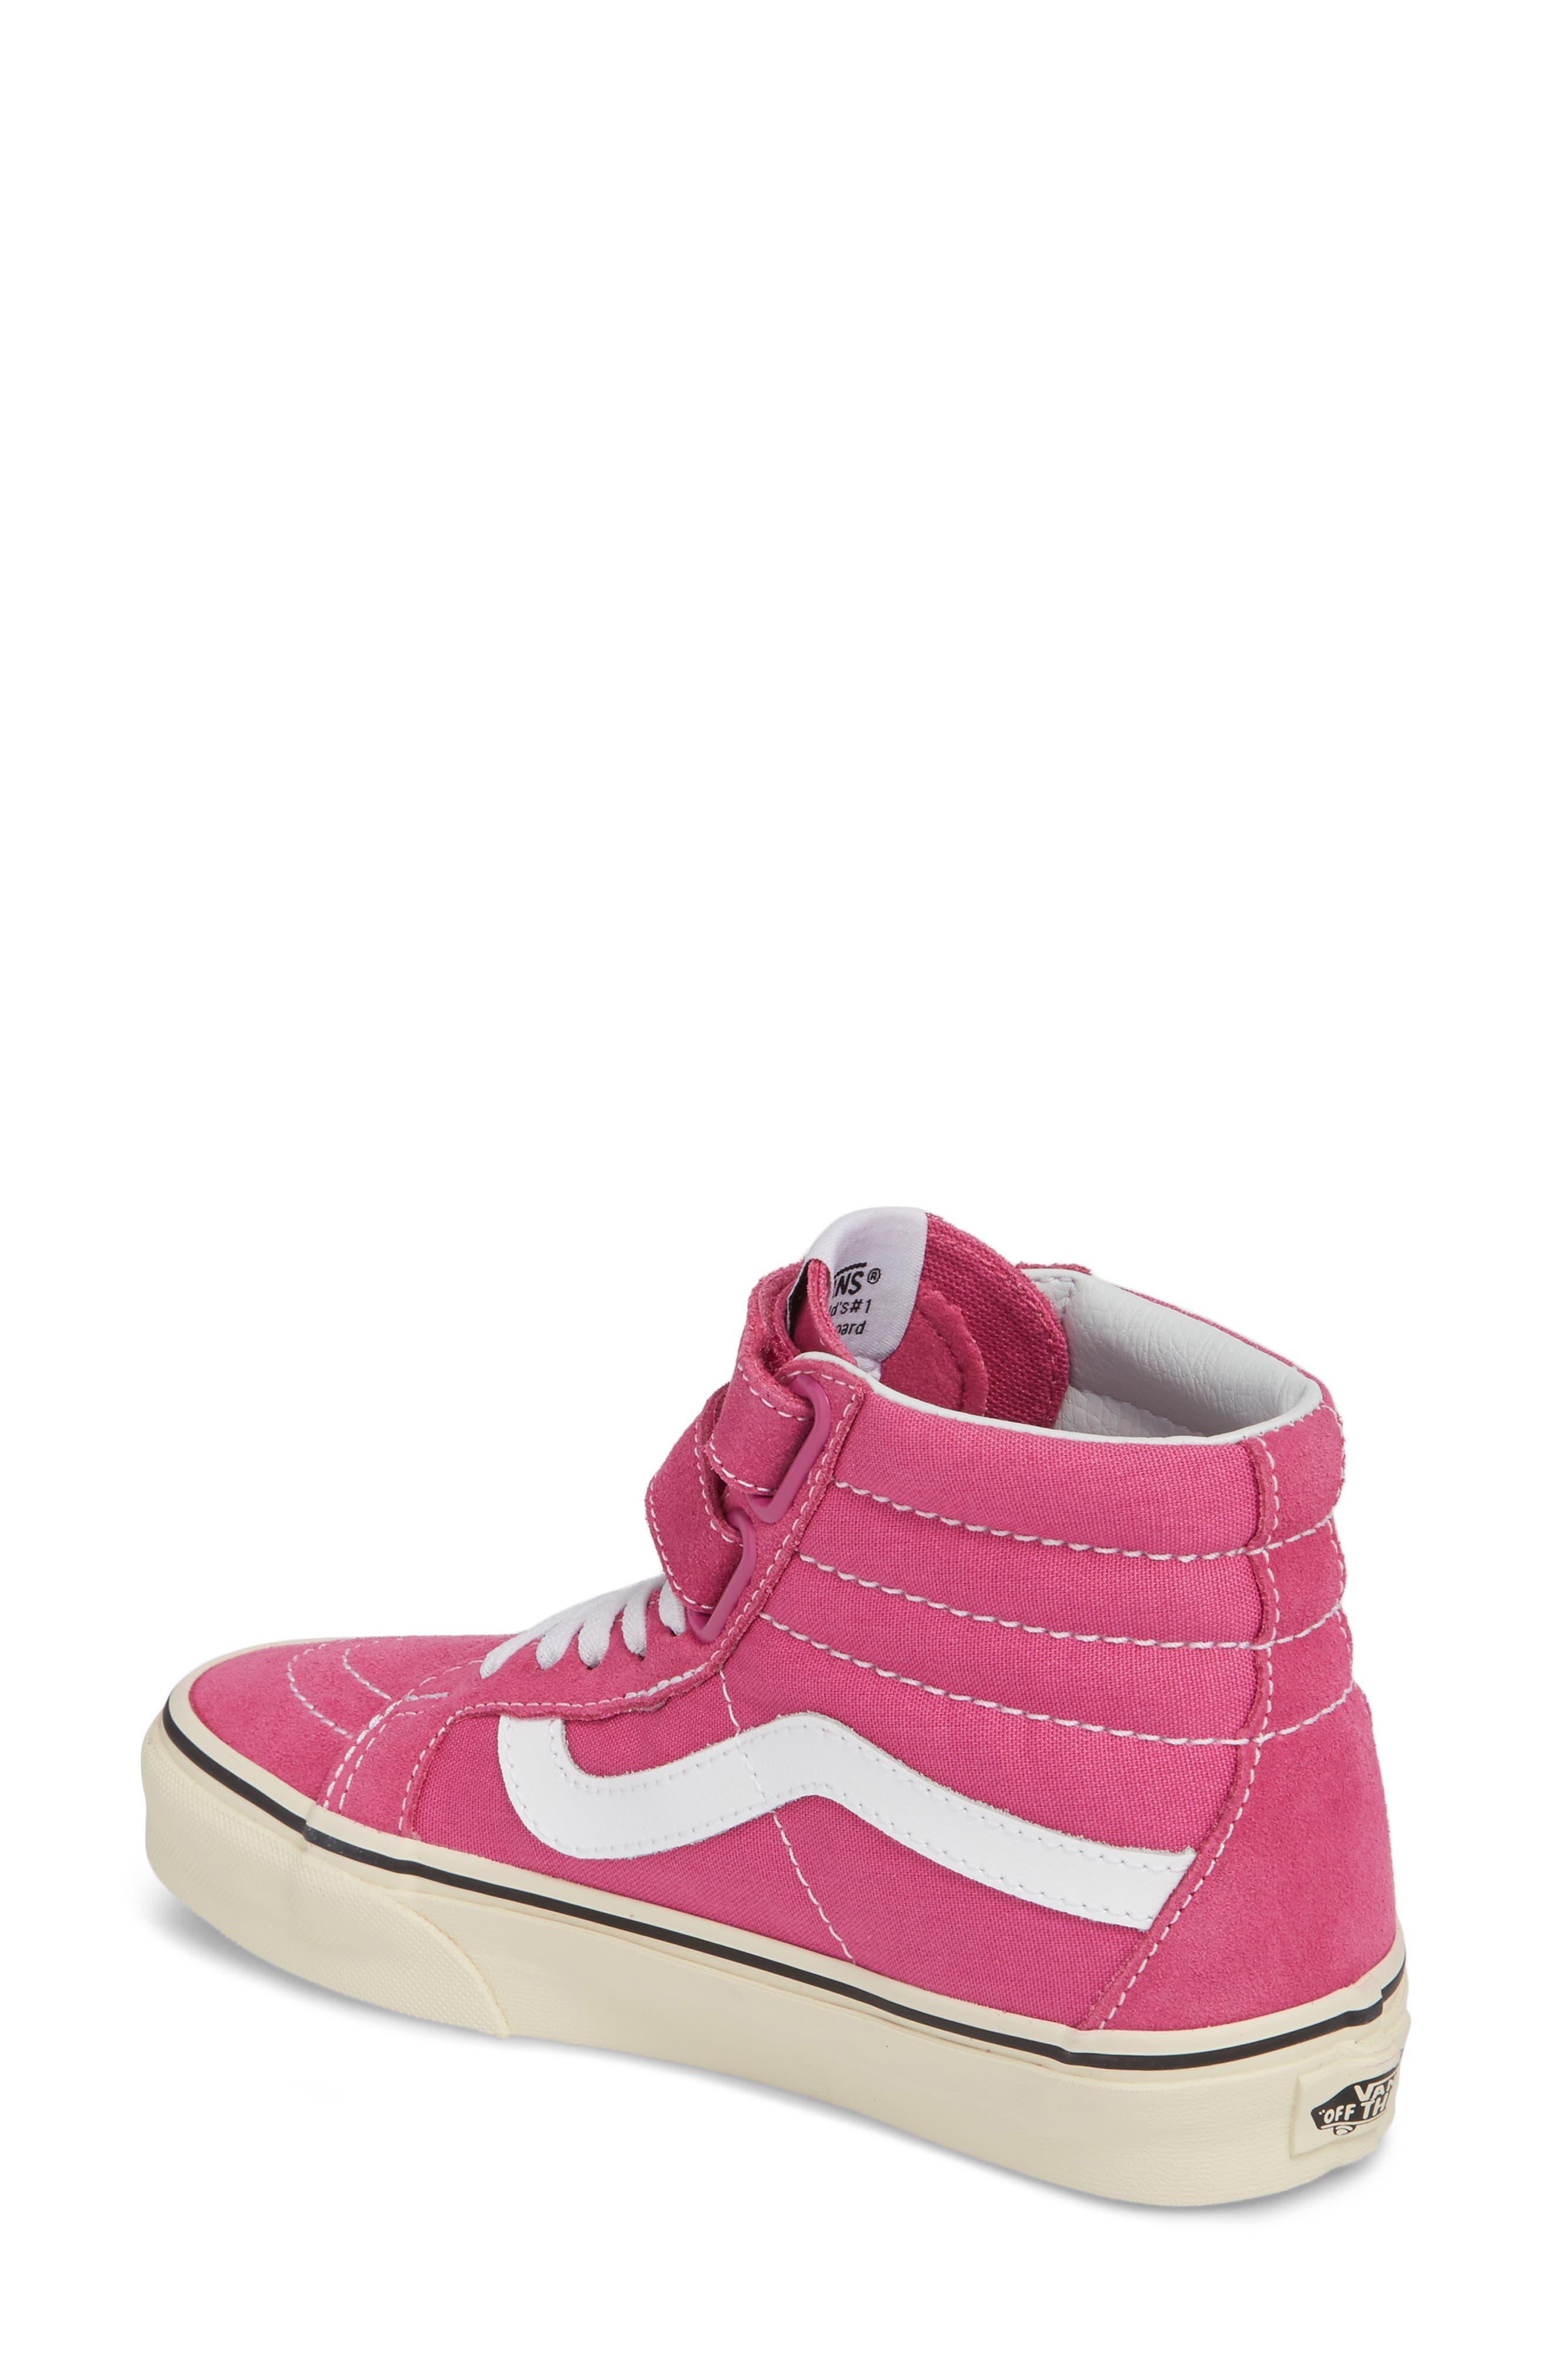 Sk8-Hi Reissue Sneaker,                             Alternate thumbnail 2, color,                             670